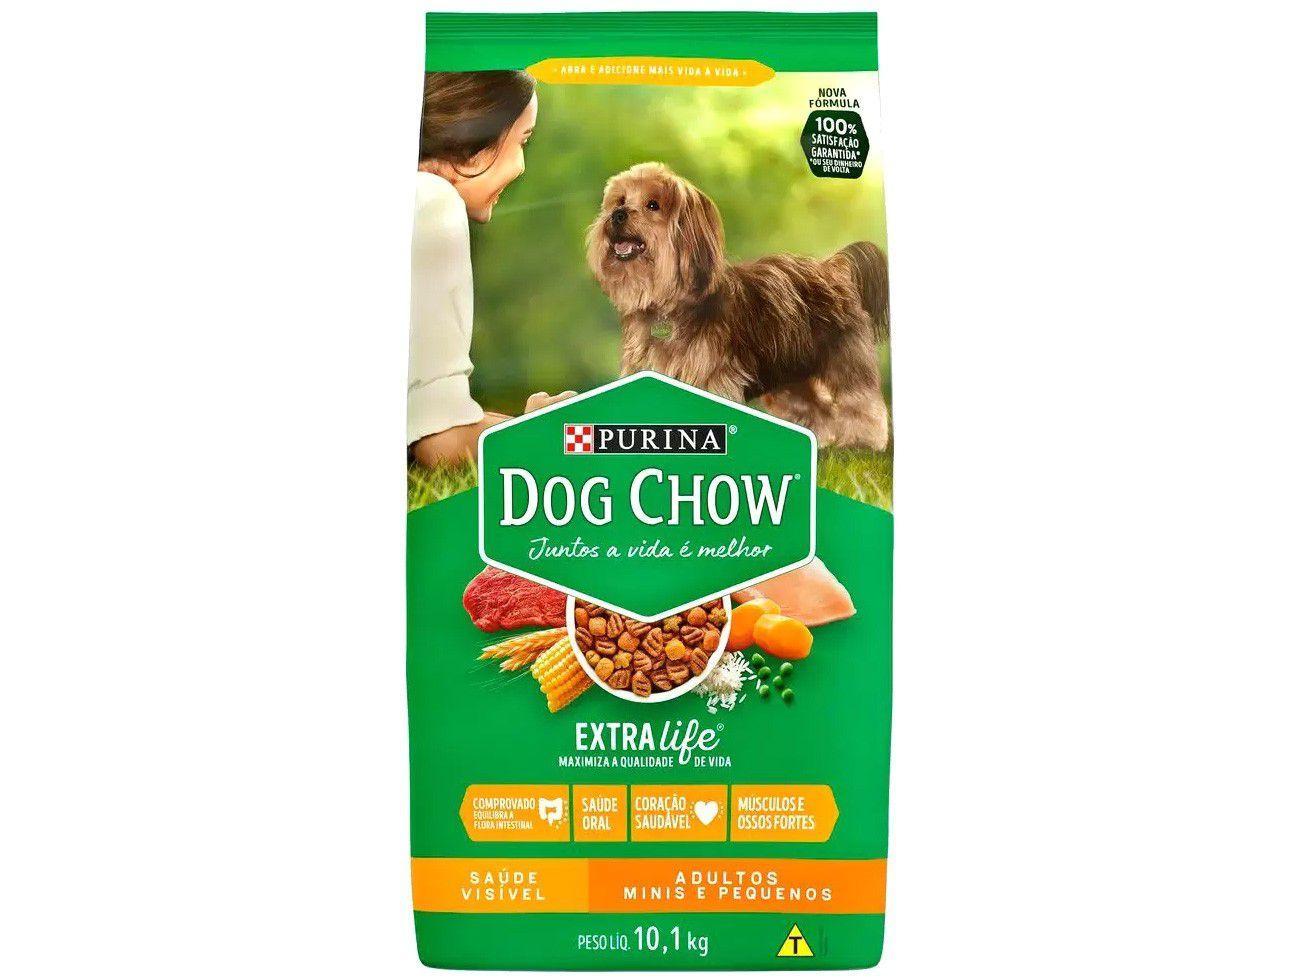 Ração para Cachorro Dog Chow Premium ExtraLife - Saúde Visível Adulto 10,1kg